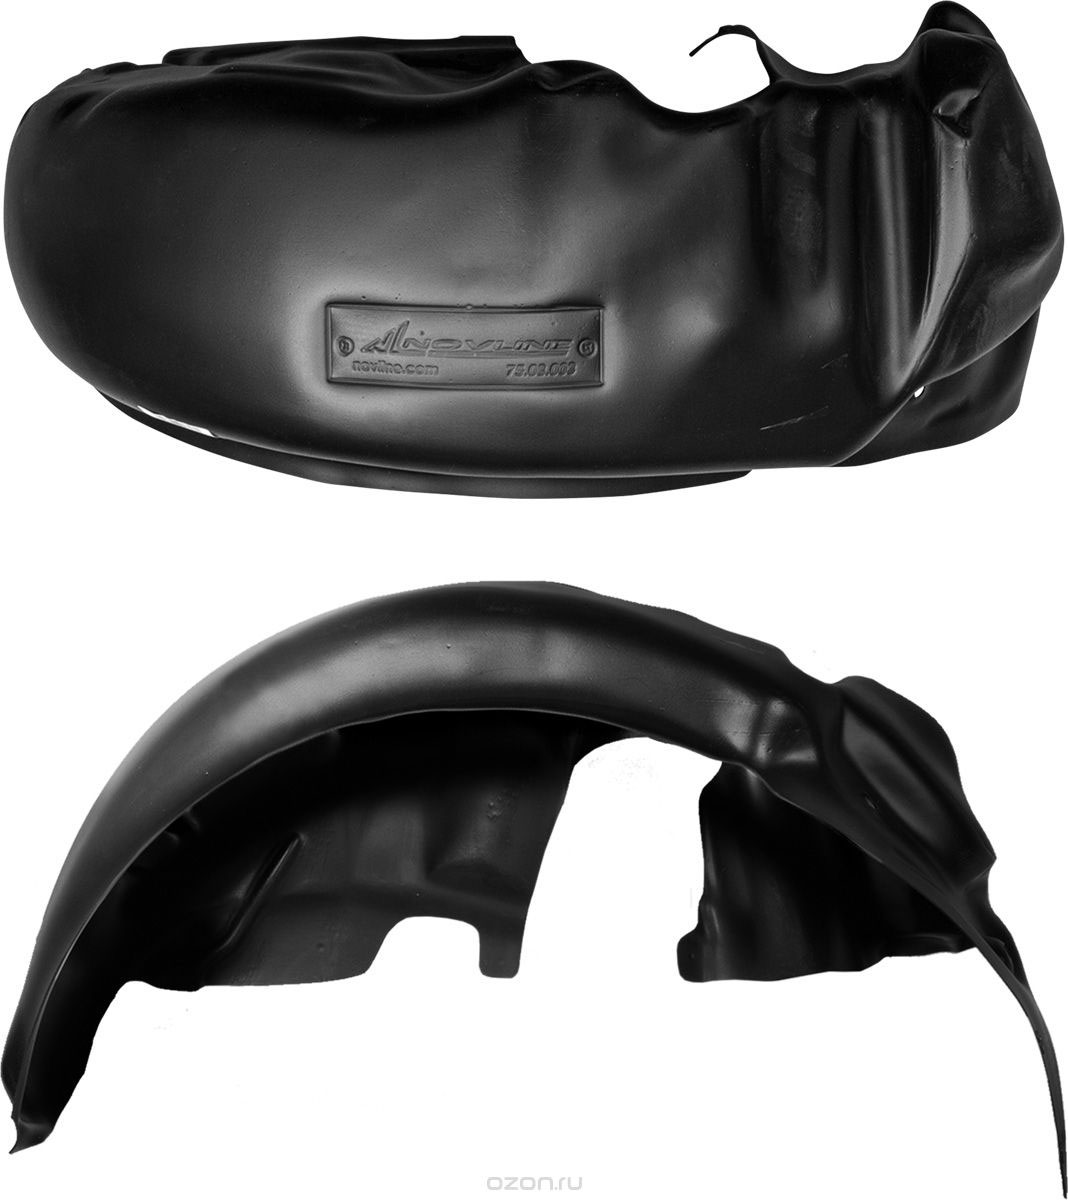 Подкрылок Novline-Autofamily, для MERCEDES-BENZ Sprinter Classic, 2013->, W905 односкатный, задний правыйSATURN CANCARDИдеальная защита колесной ниши. Локеры разработаны с применением цифровых технологий, гарантируют максимальную повторяемость поверхности арки. Изделия устанавливаются без нарушения лакокрасочного покрытия автомобиля, каждый подкрылок комплектуется крепежом. Уважаемые клиенты, обращаем ваше внимание, что фотографии на подкрылки универсальные и не отражают реальную форму изделия. При этом само изделие идет точно под размер указанного автомобиля.